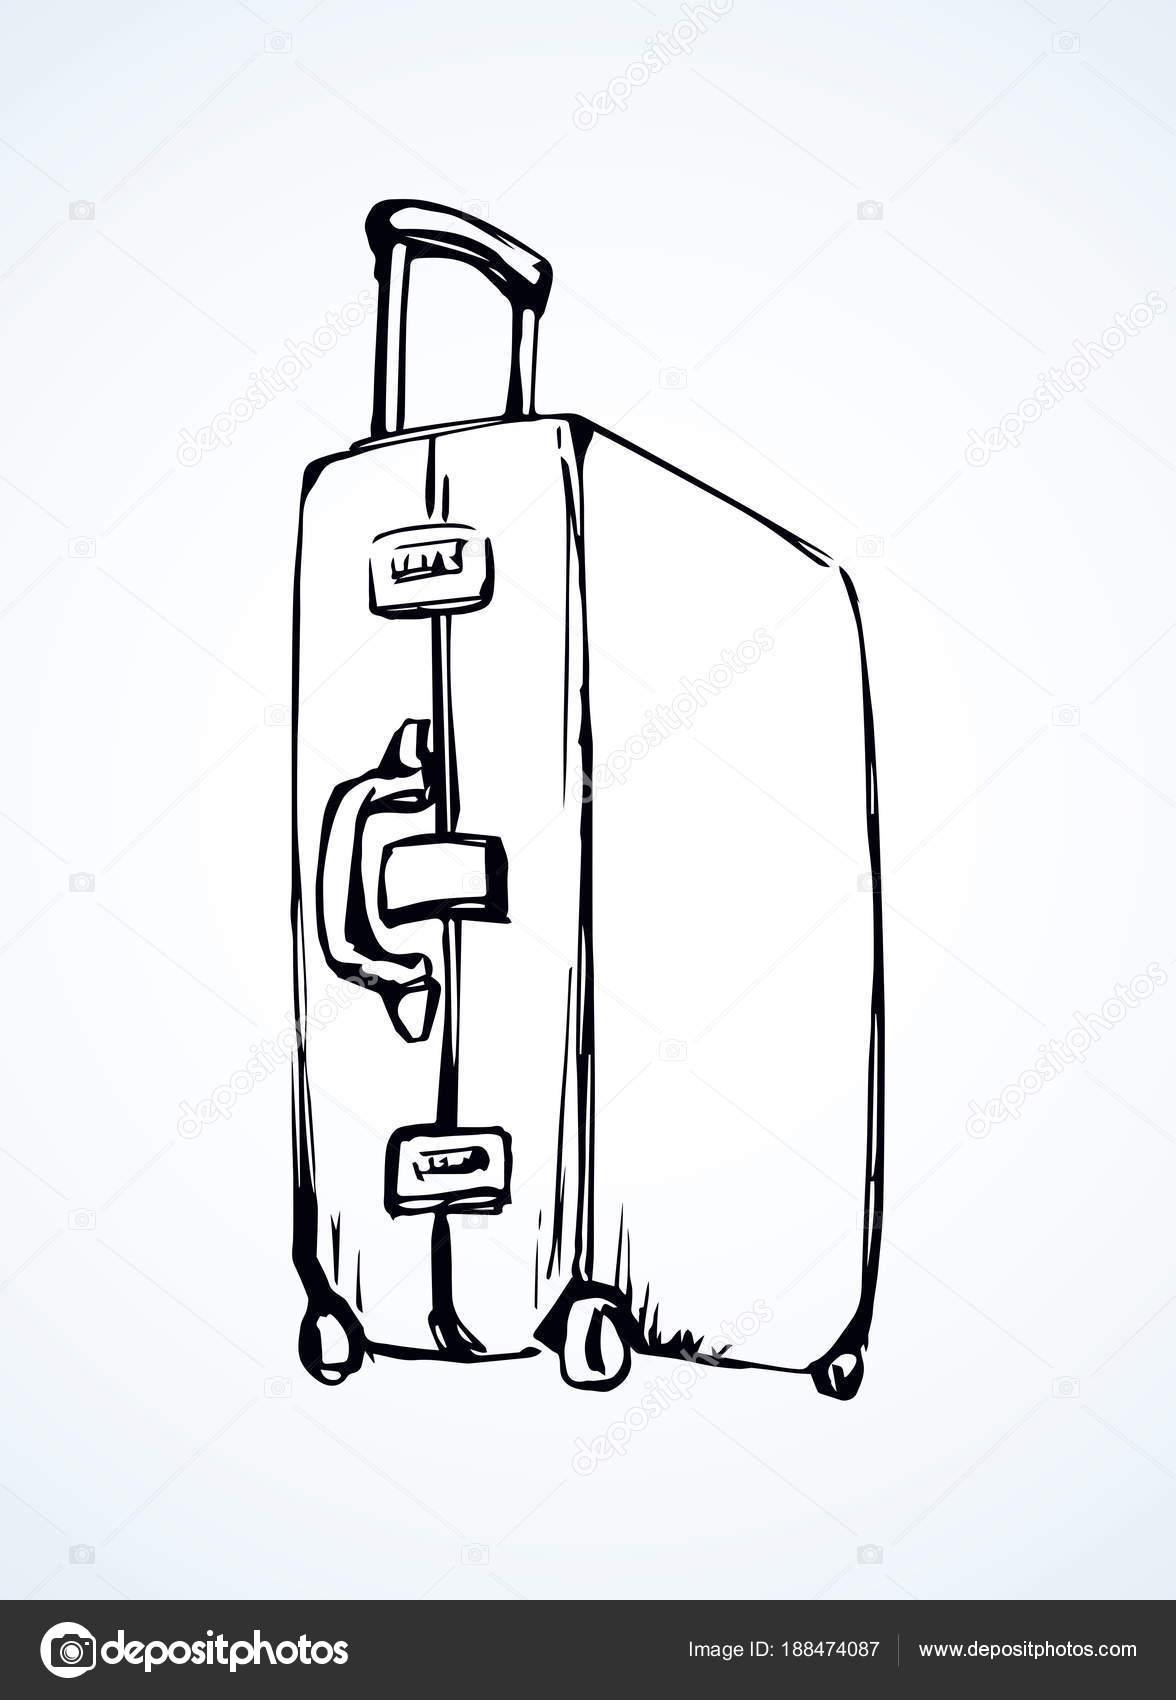 Maleta dibujo vectorial archivo im genes vectoriales - Dessin de valise ...